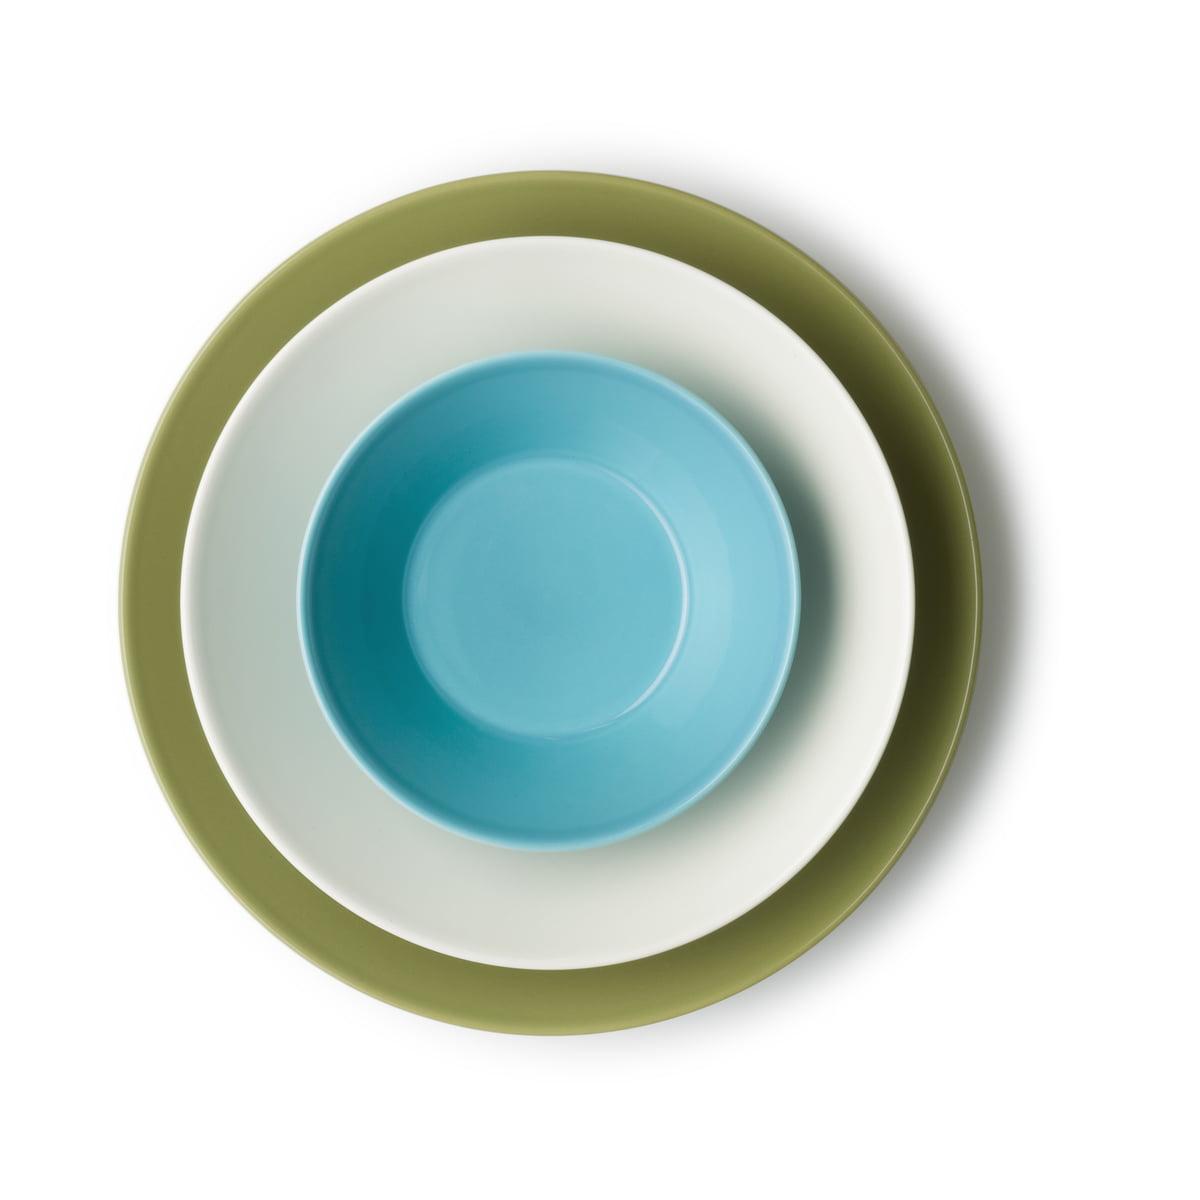 Teema turquoise iittala shop for Connox com